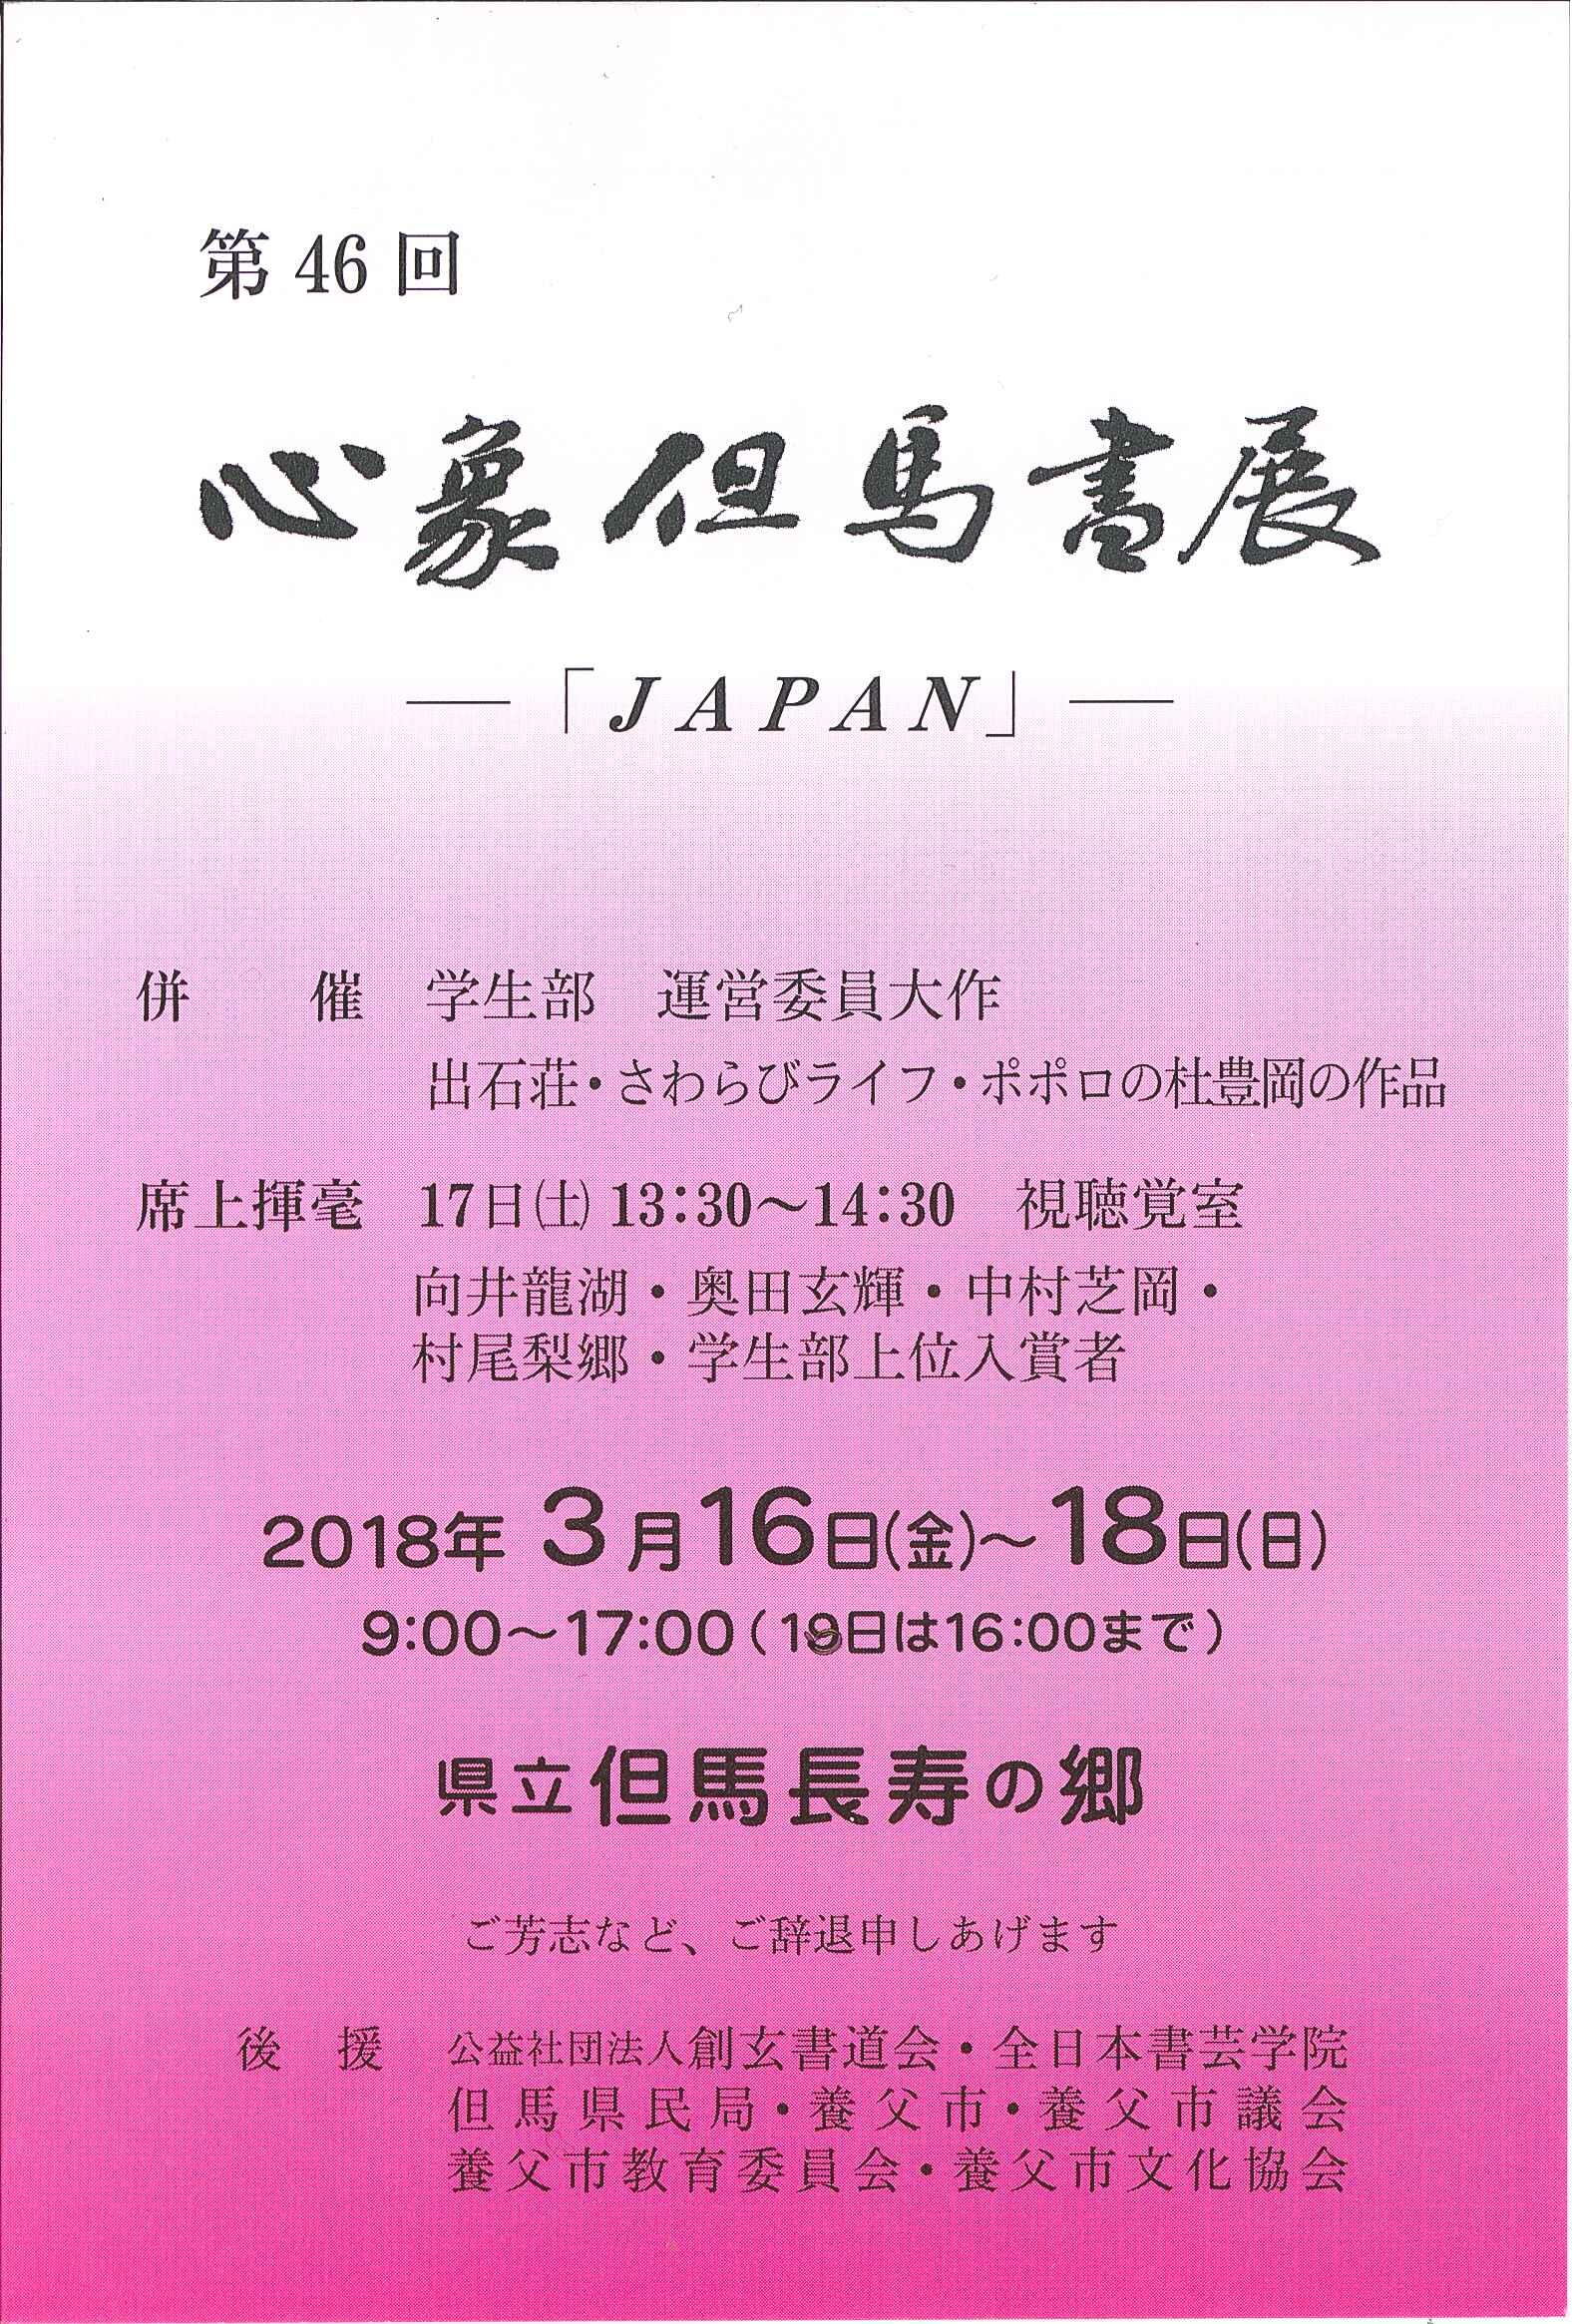 http://www.sogen.or.jp/letter/2018/03/04/20180304174502219_0001.jpg